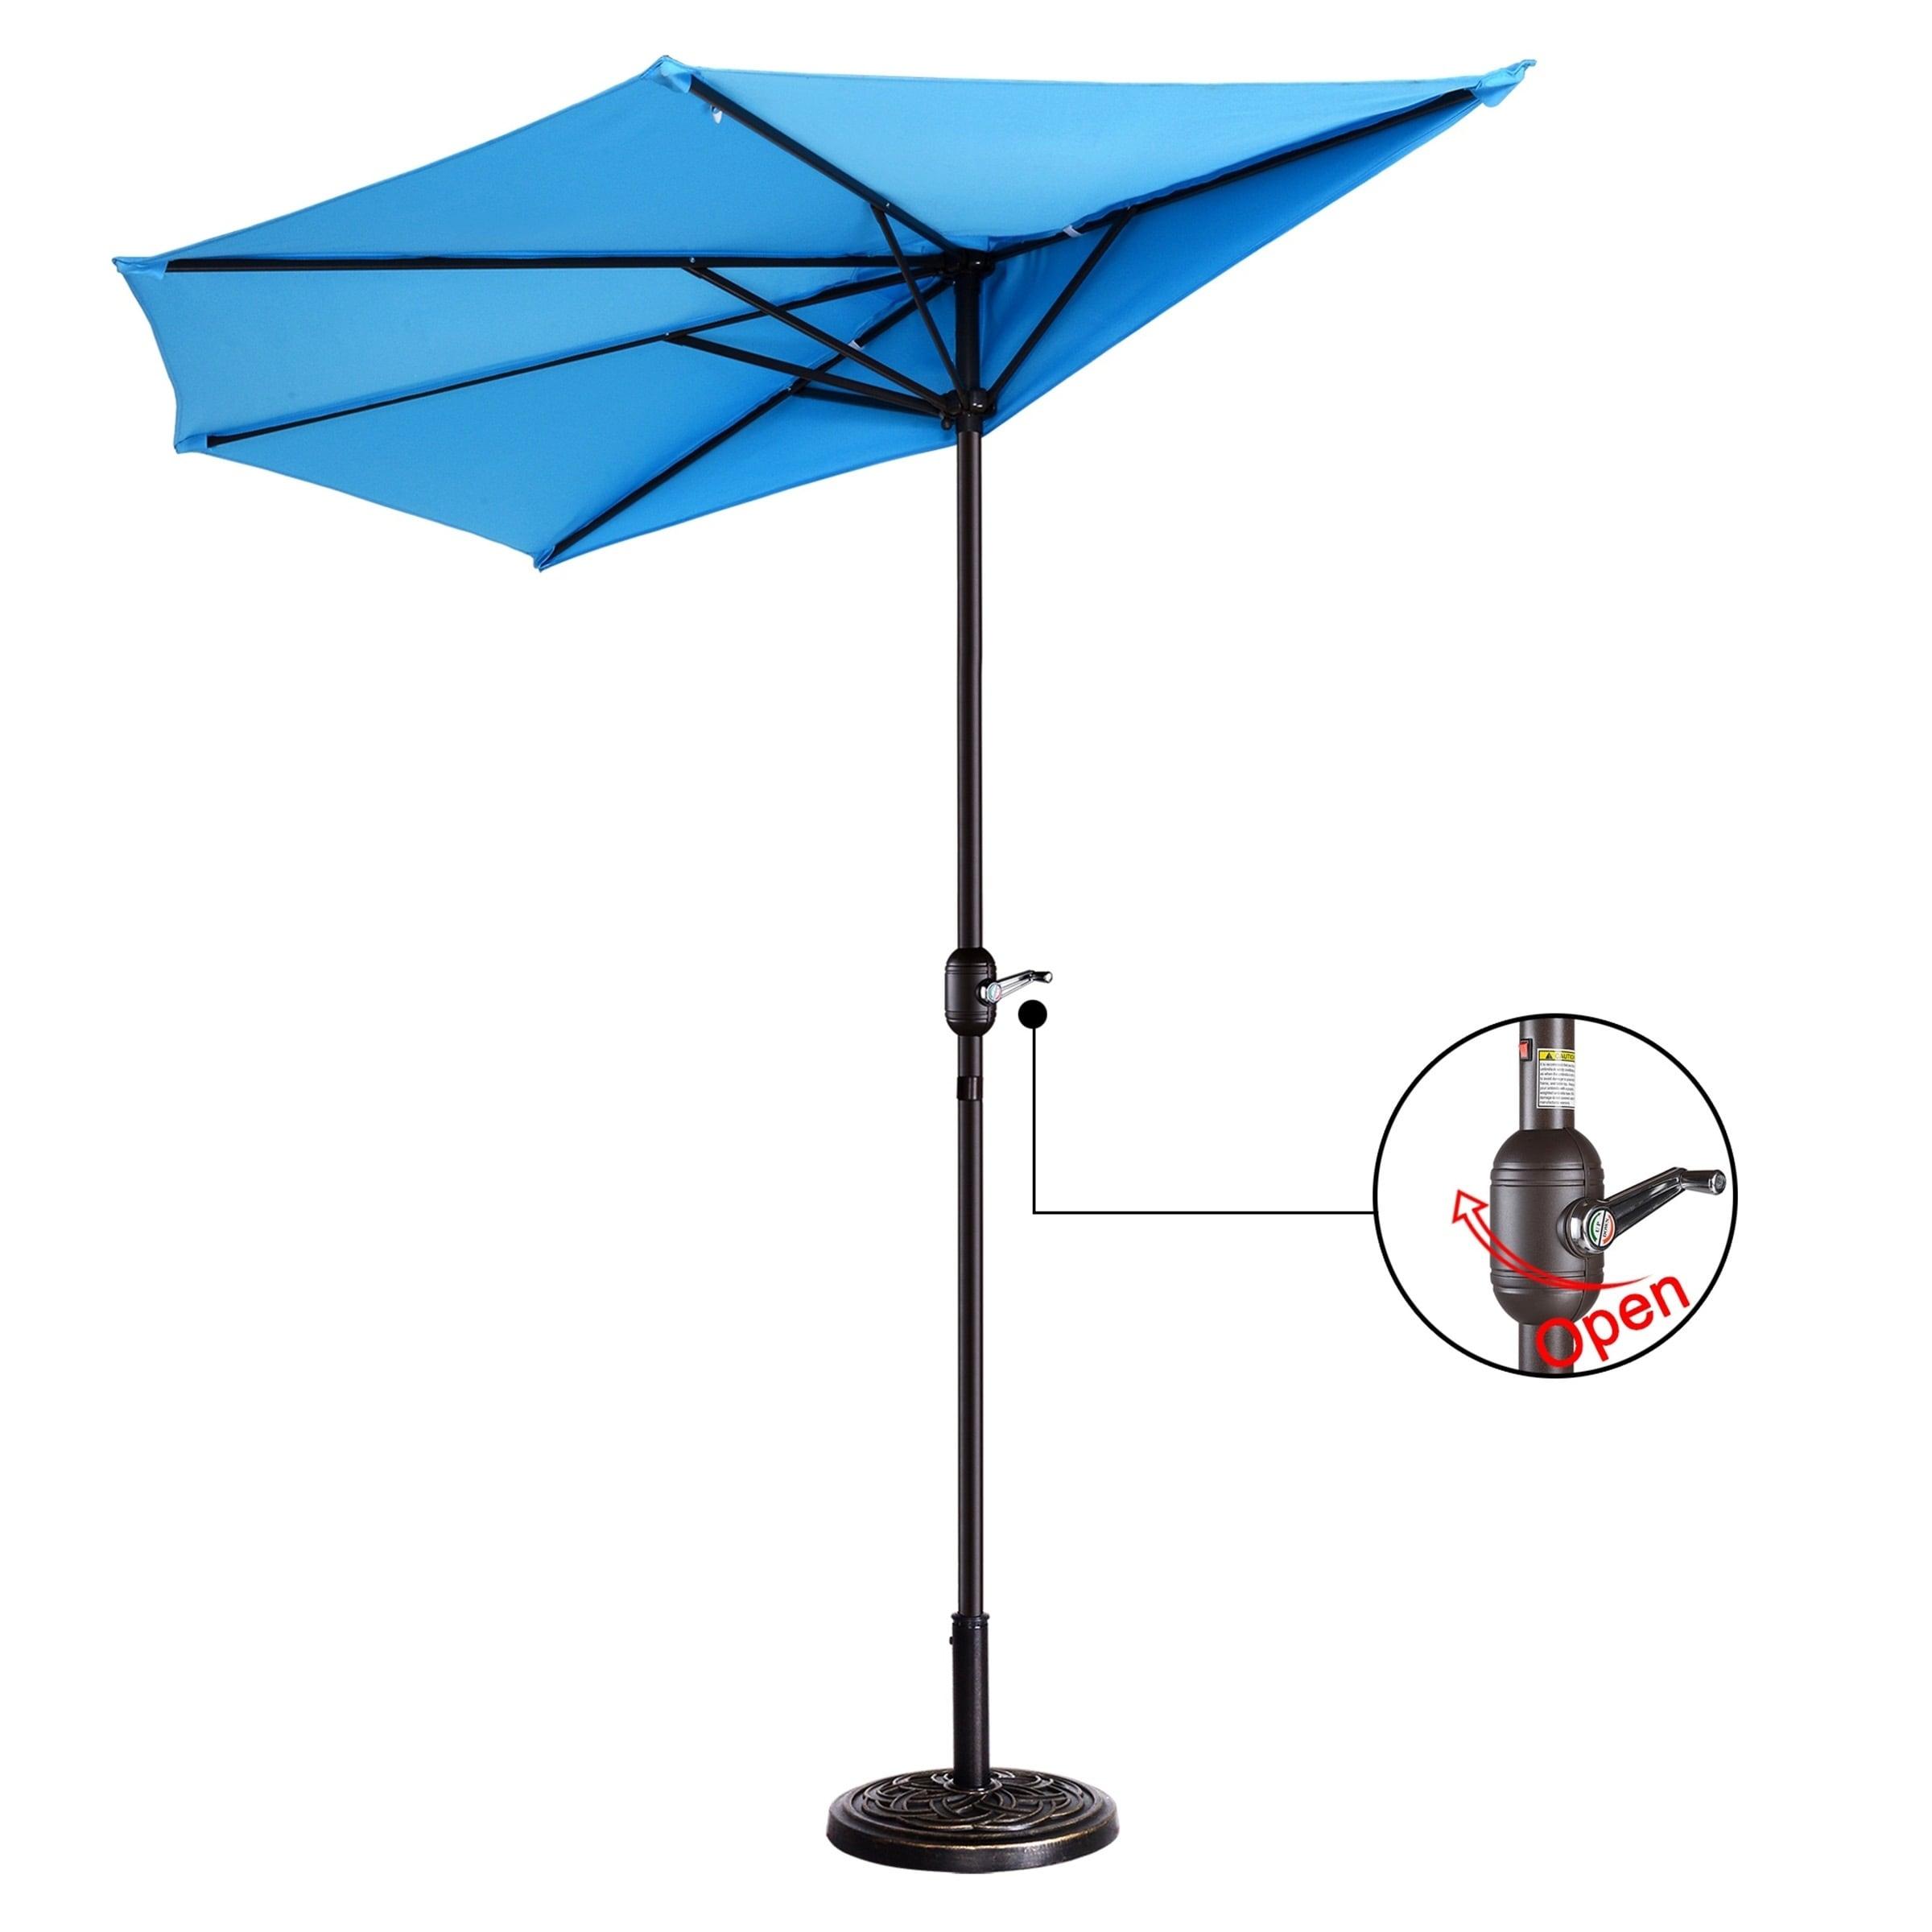 Patio Half Umbrella With 5 Ribs